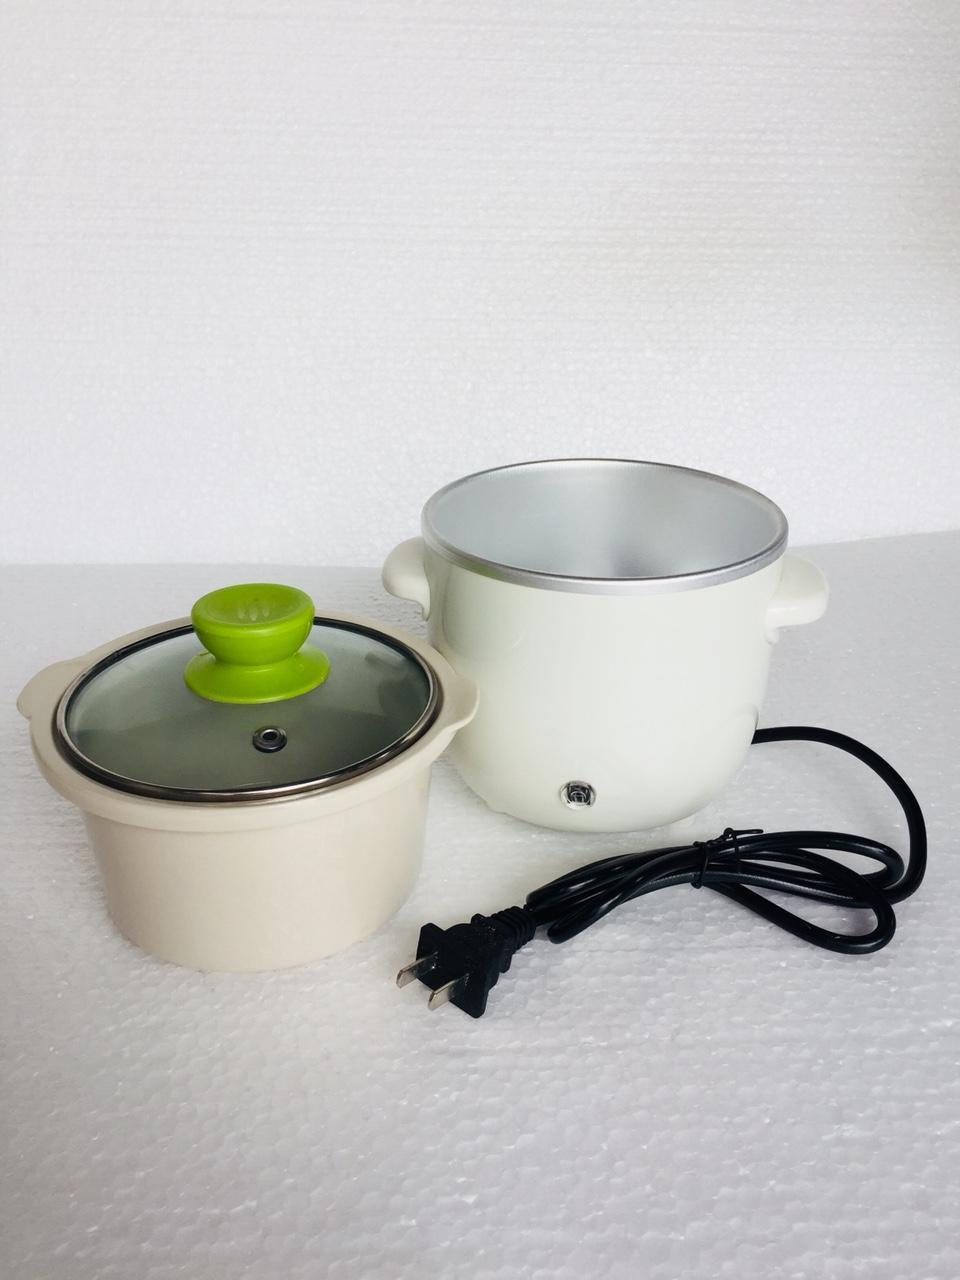 Hình ảnh Nồi Chưng Yến, Tiềm, Nấu Cháo, Soup, hầm chậm... bằng điện 0,7L (nắp thủy tinh)